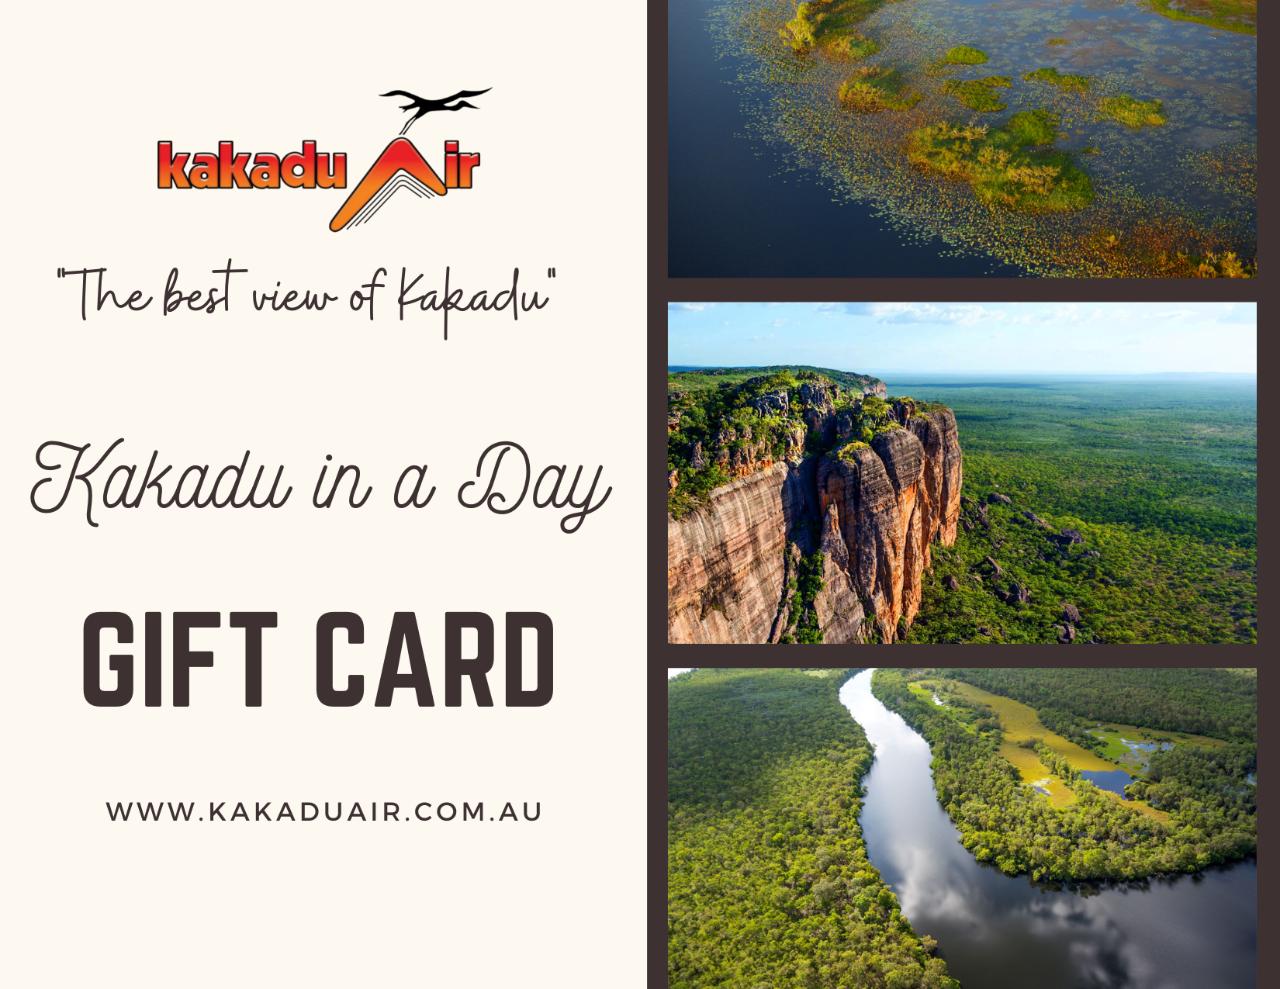 Kakadu in a Day Gift Card